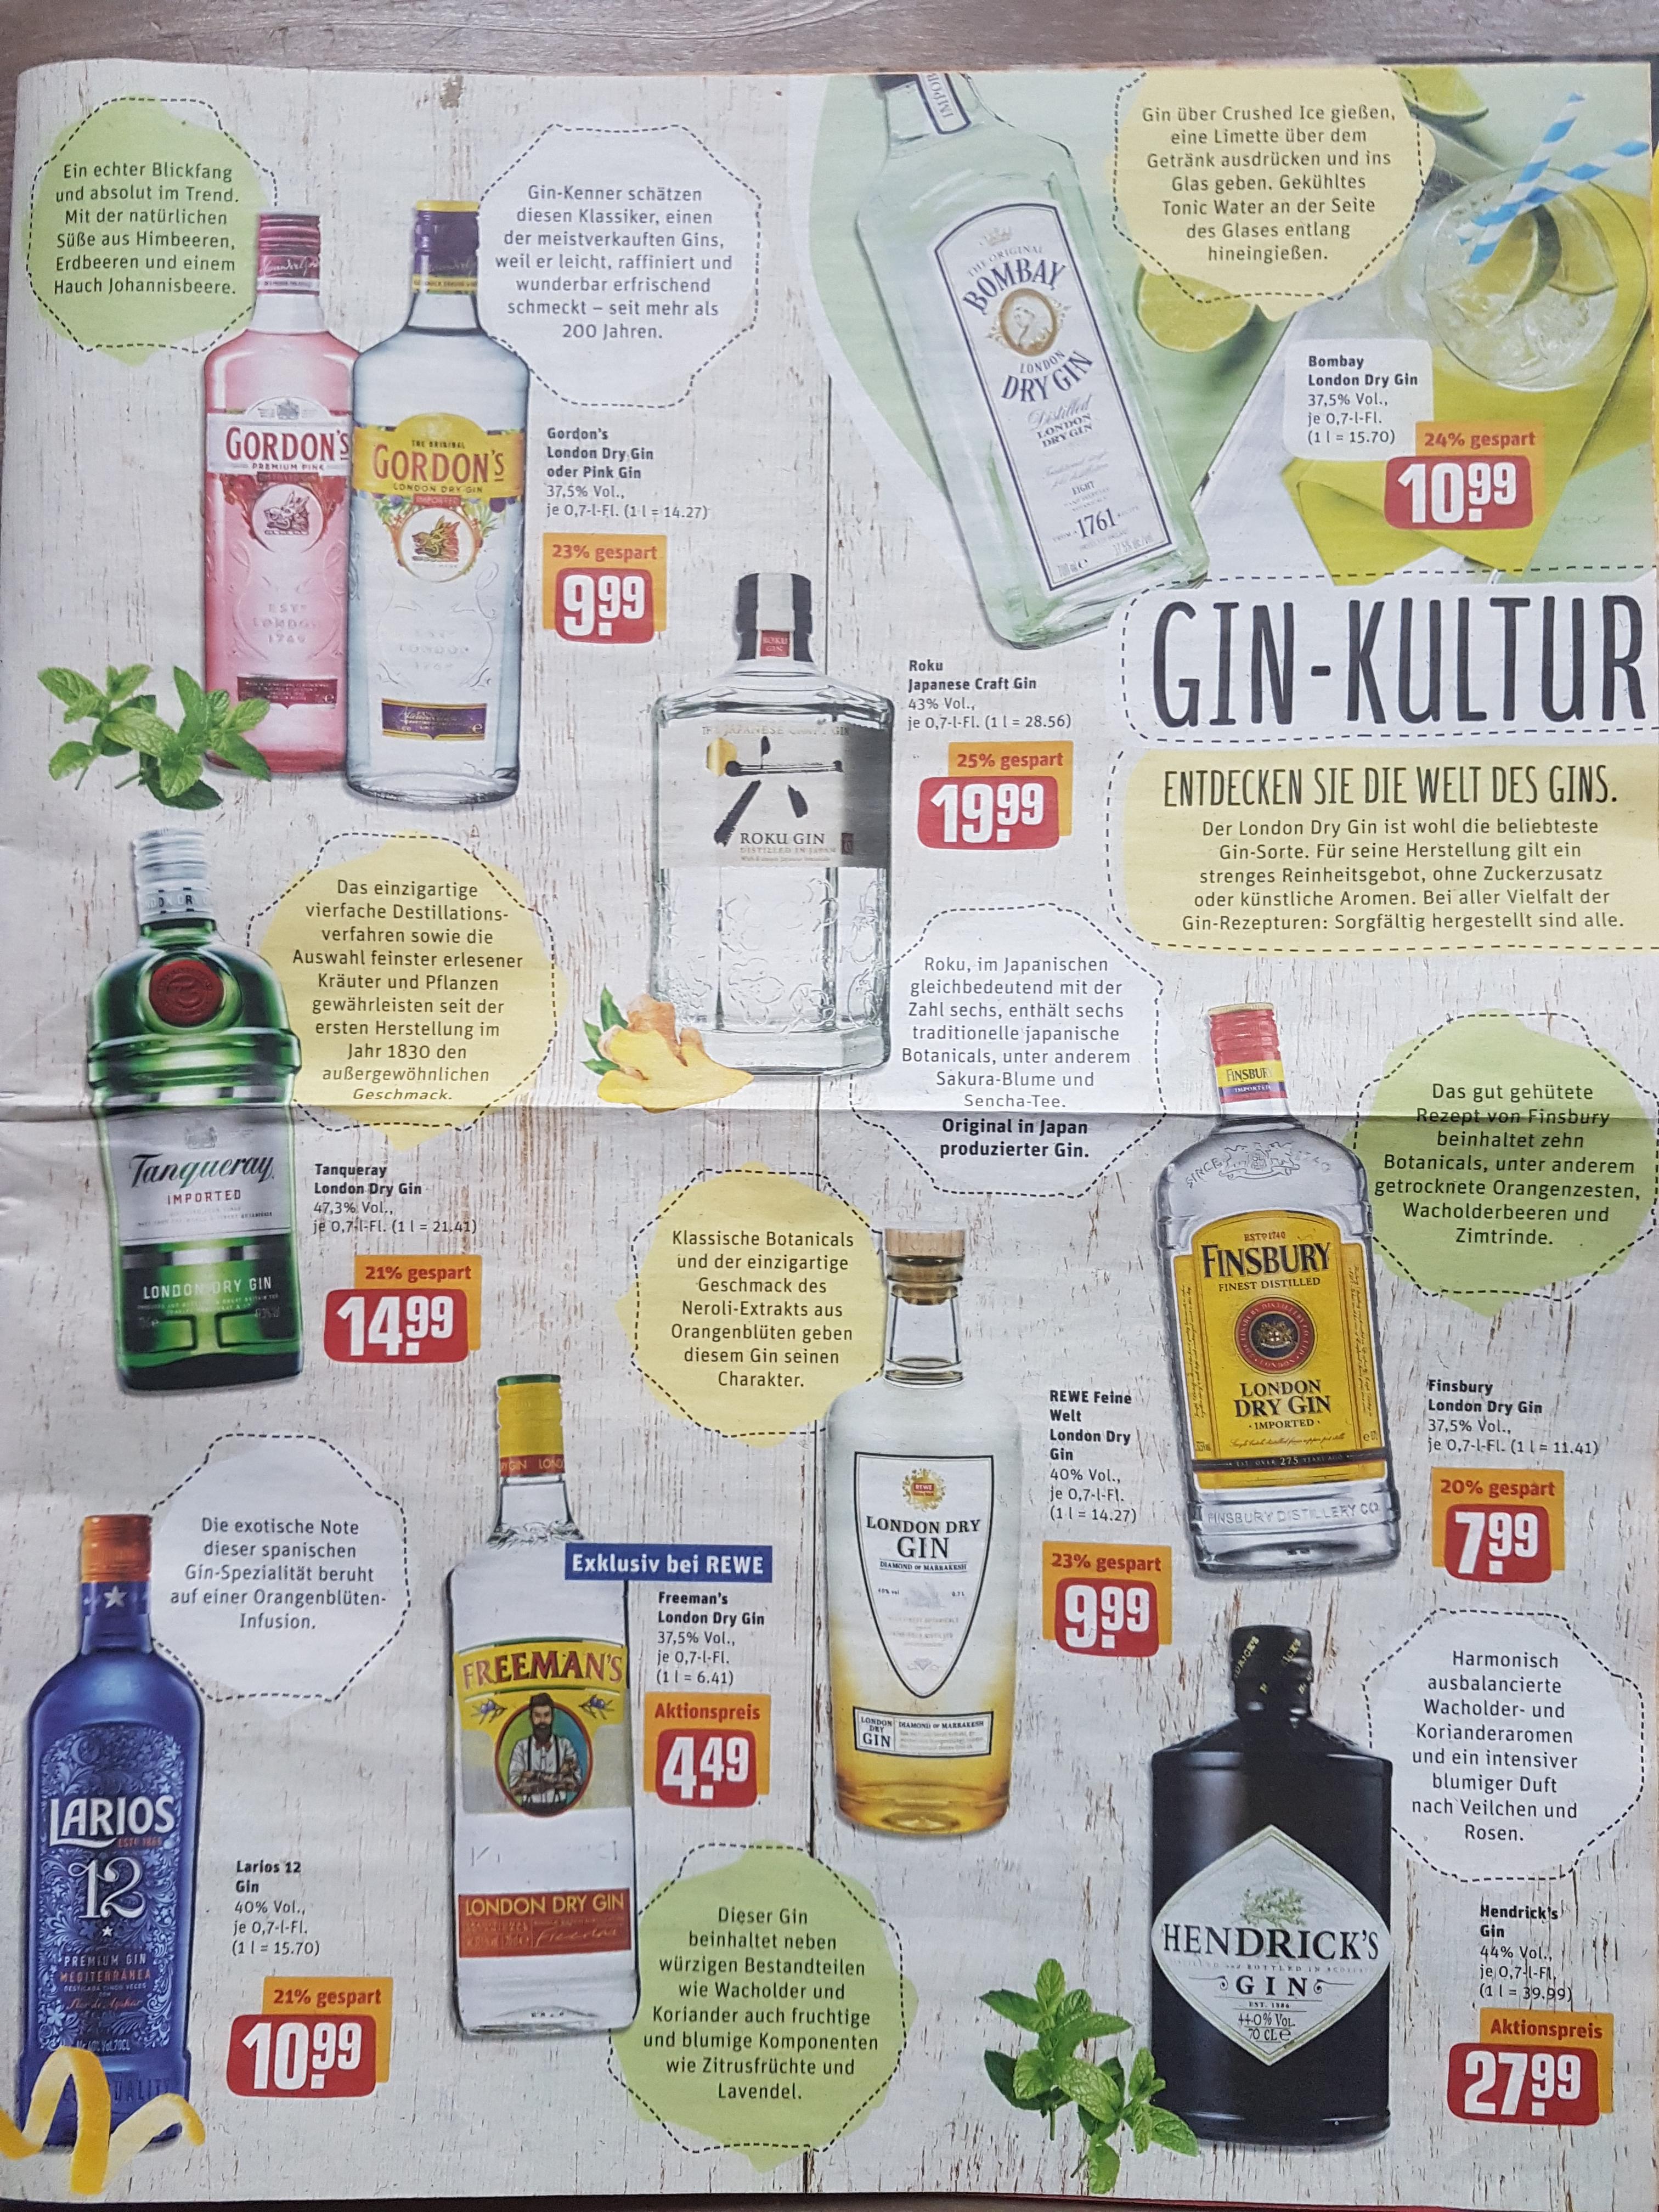 [REWE Center] Gin-Kultur u. a. Roku (1 x 0.7l) für 19,99€, Hendricks (1 x 0,7l) für 27,99€ + viele andere